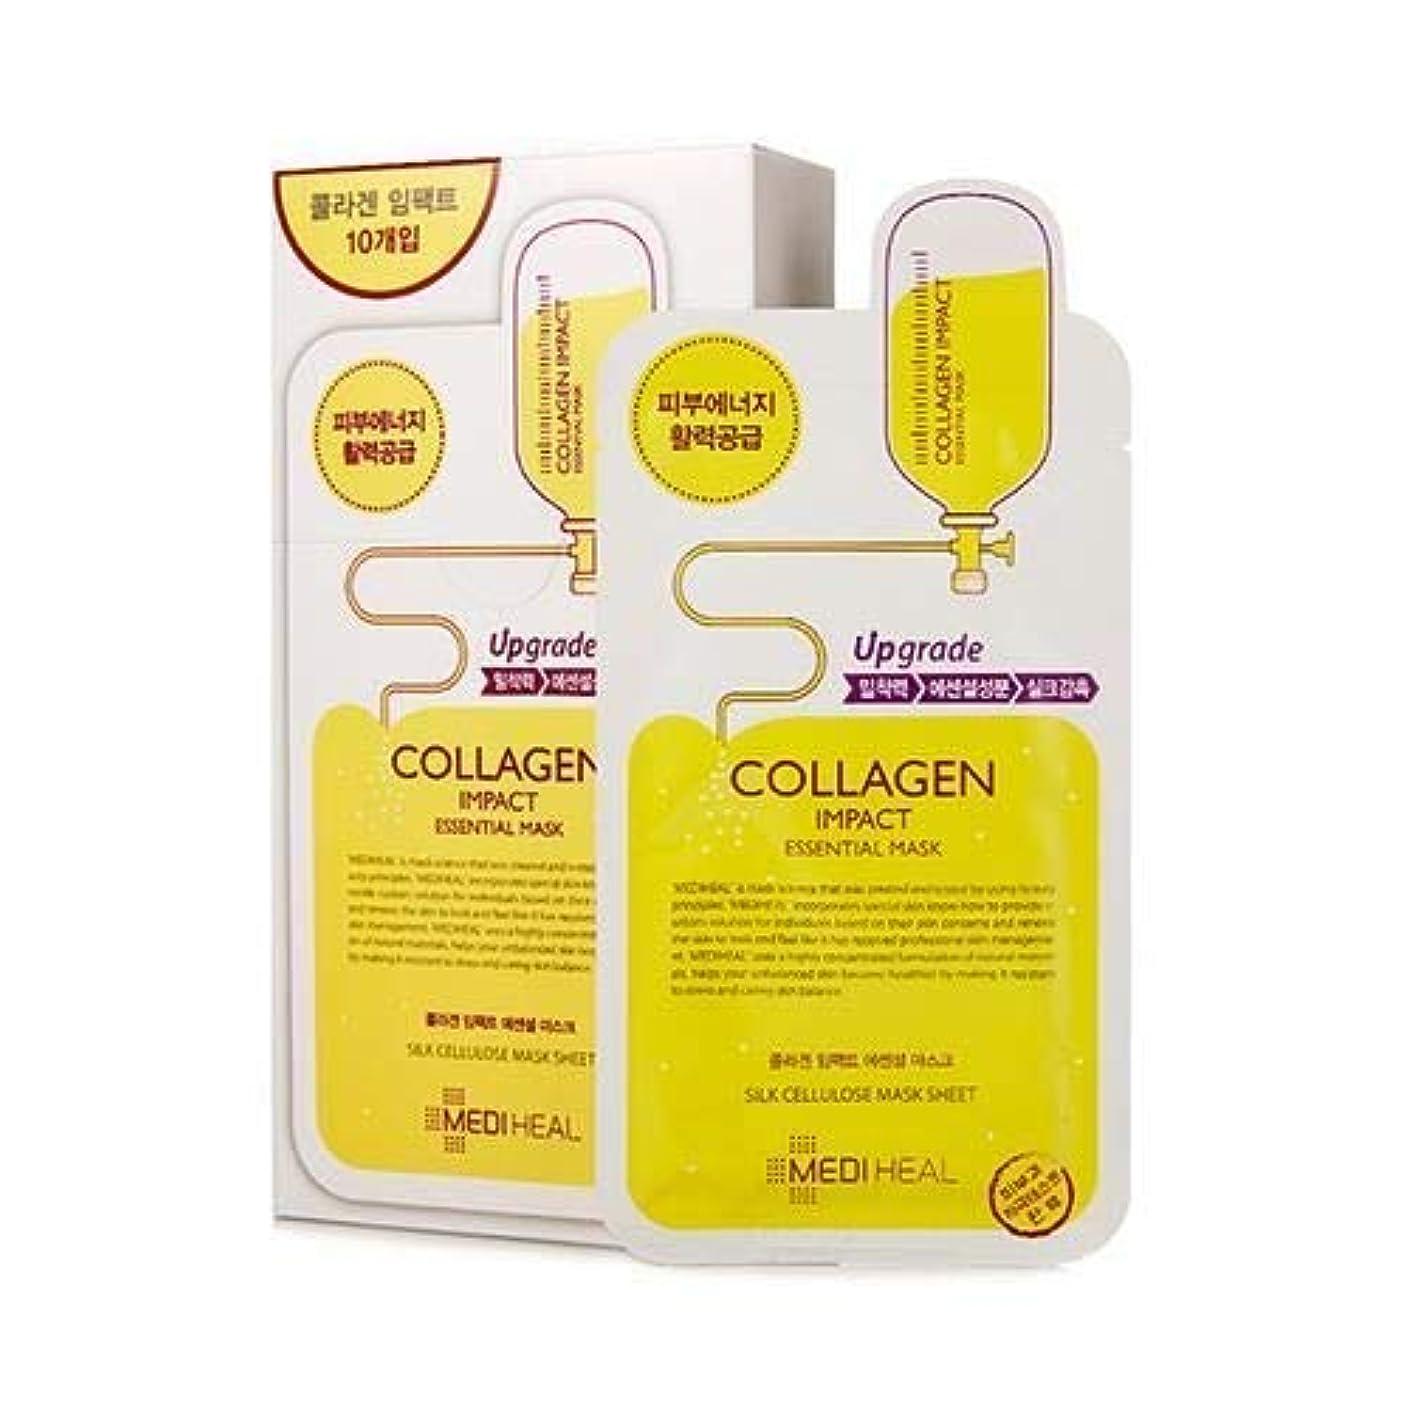 原油カウンターパート掃除[10+10] [メディヒール] Mediheal Collagen Impact REX [コラーゲンインパクト エッセンシャルマスクREX (10枚)] + [ Vita Lightbeam ビター ライトビーム エッセンシャル...